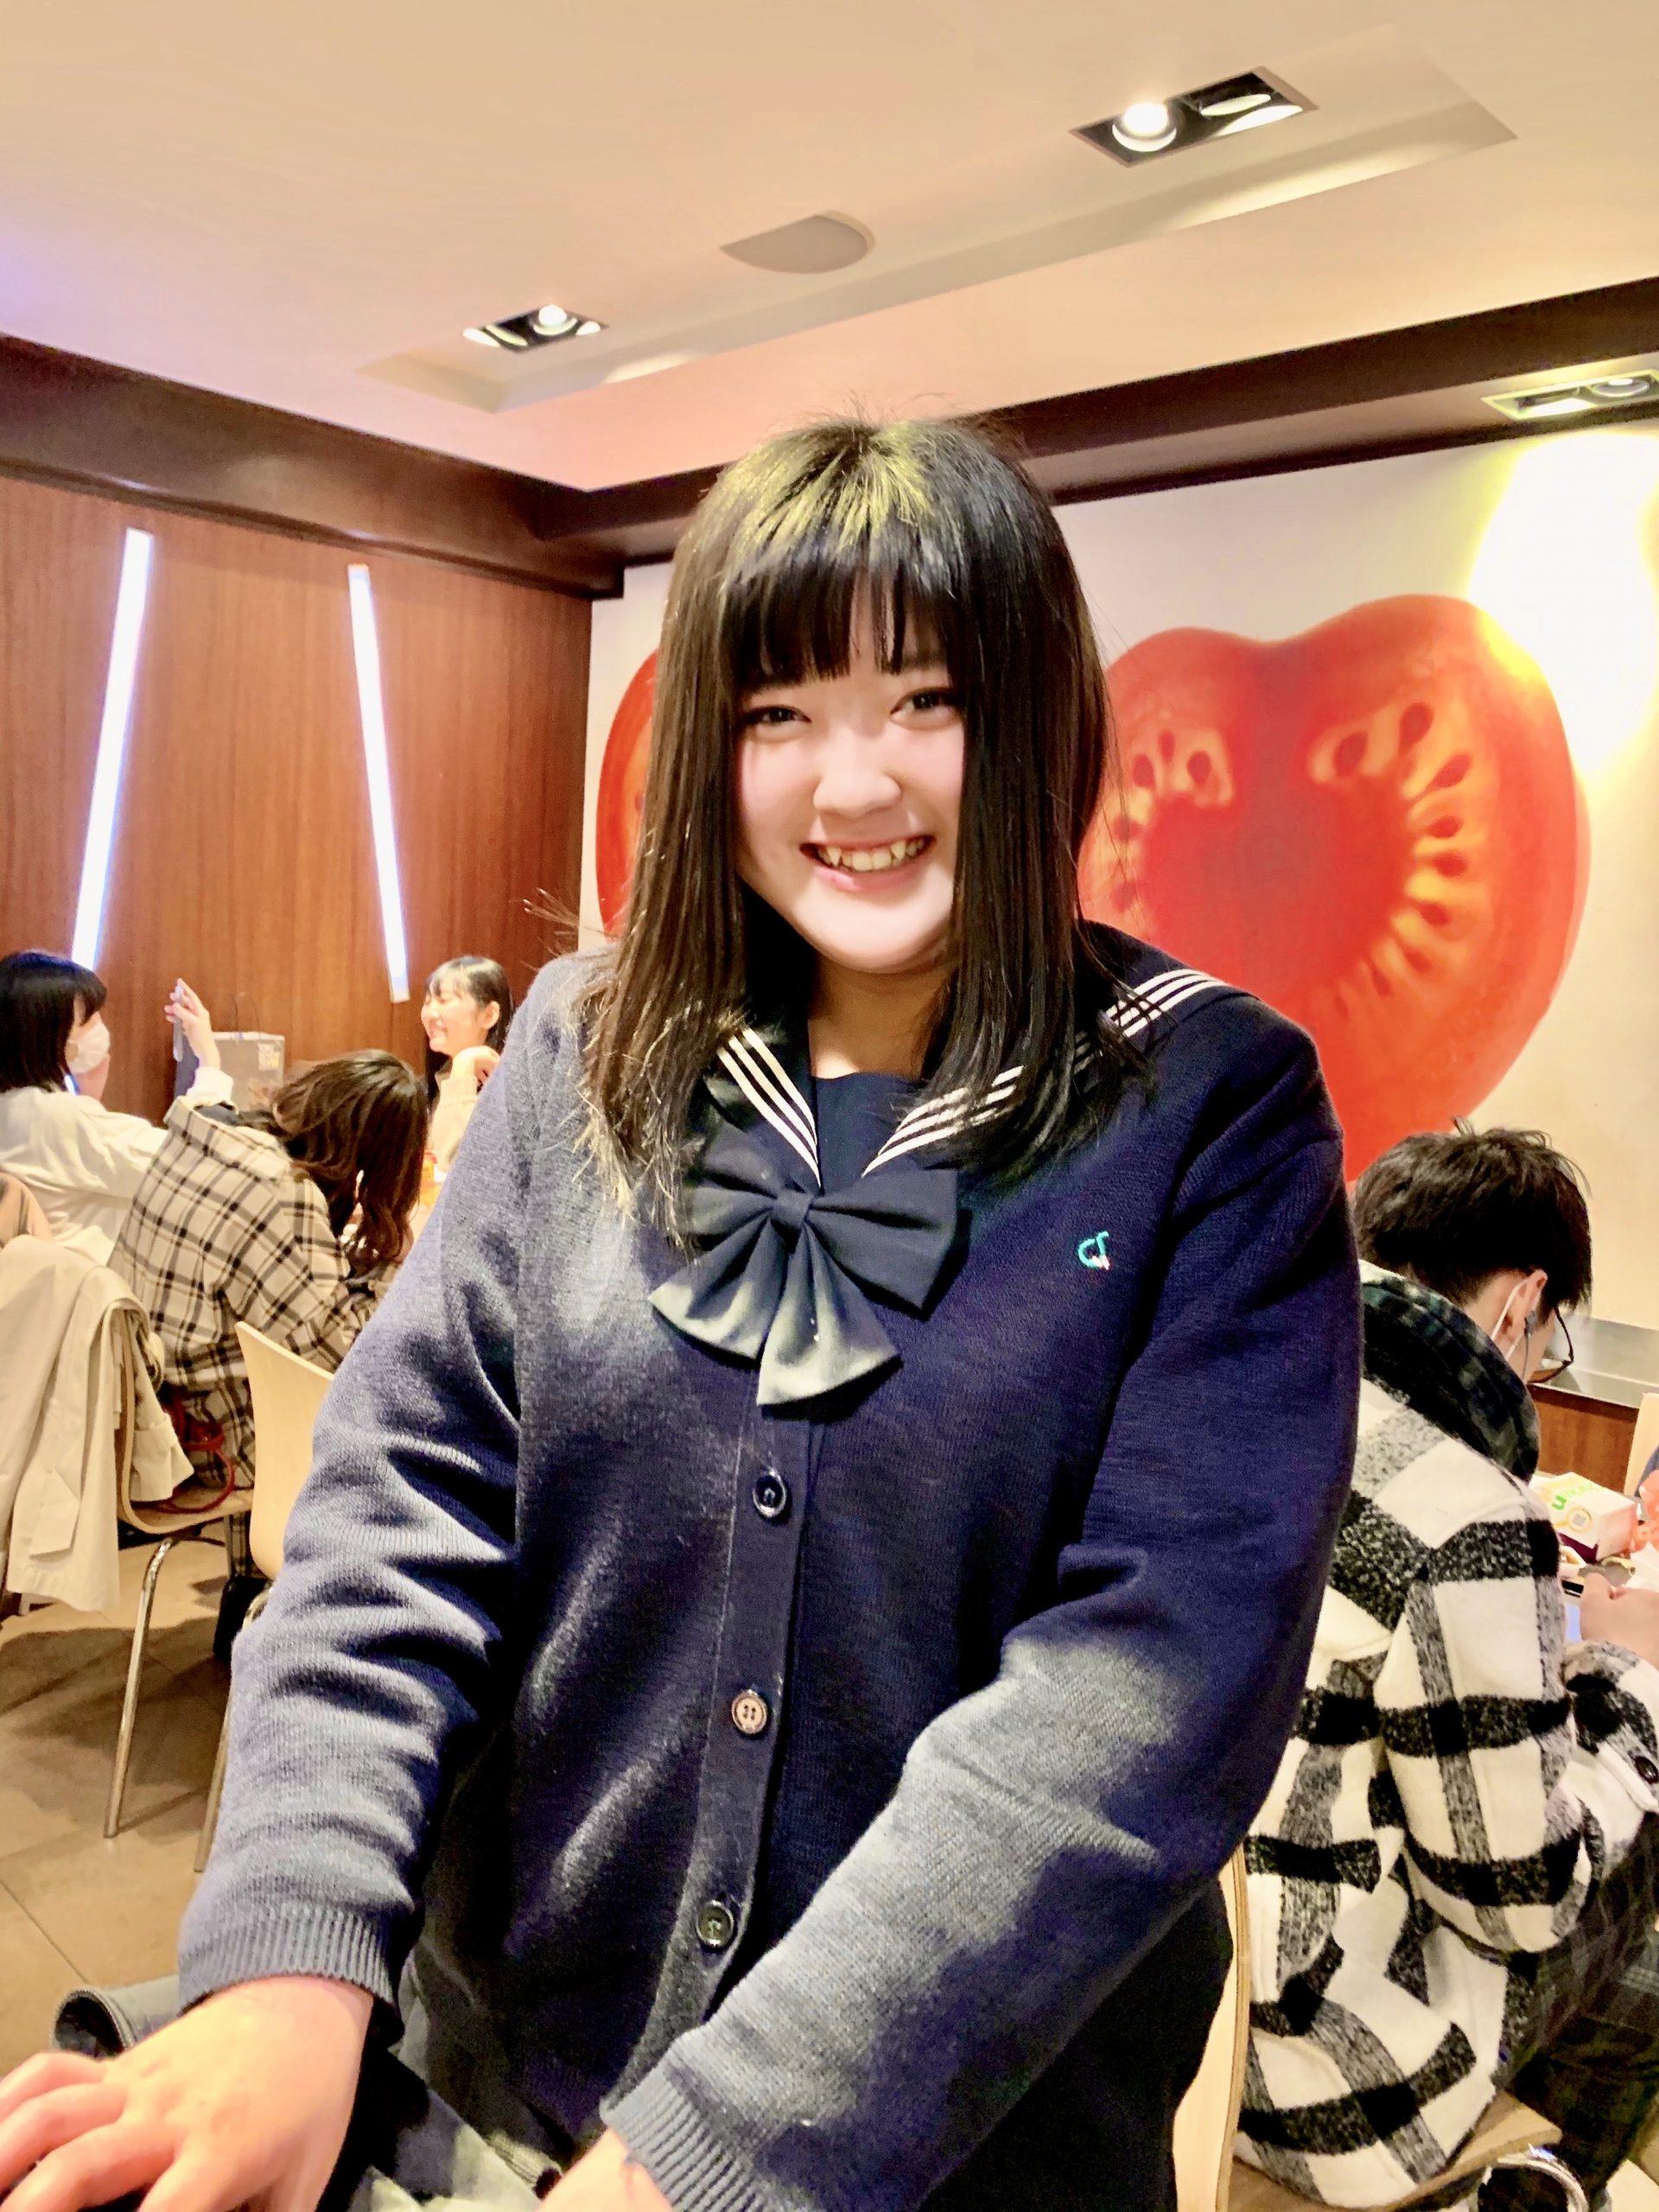 uniforme scolastica giapponese ragazza foto tokyo marzia parmigiani Il mio viaggio in Giappone traveltherapists blog giappone